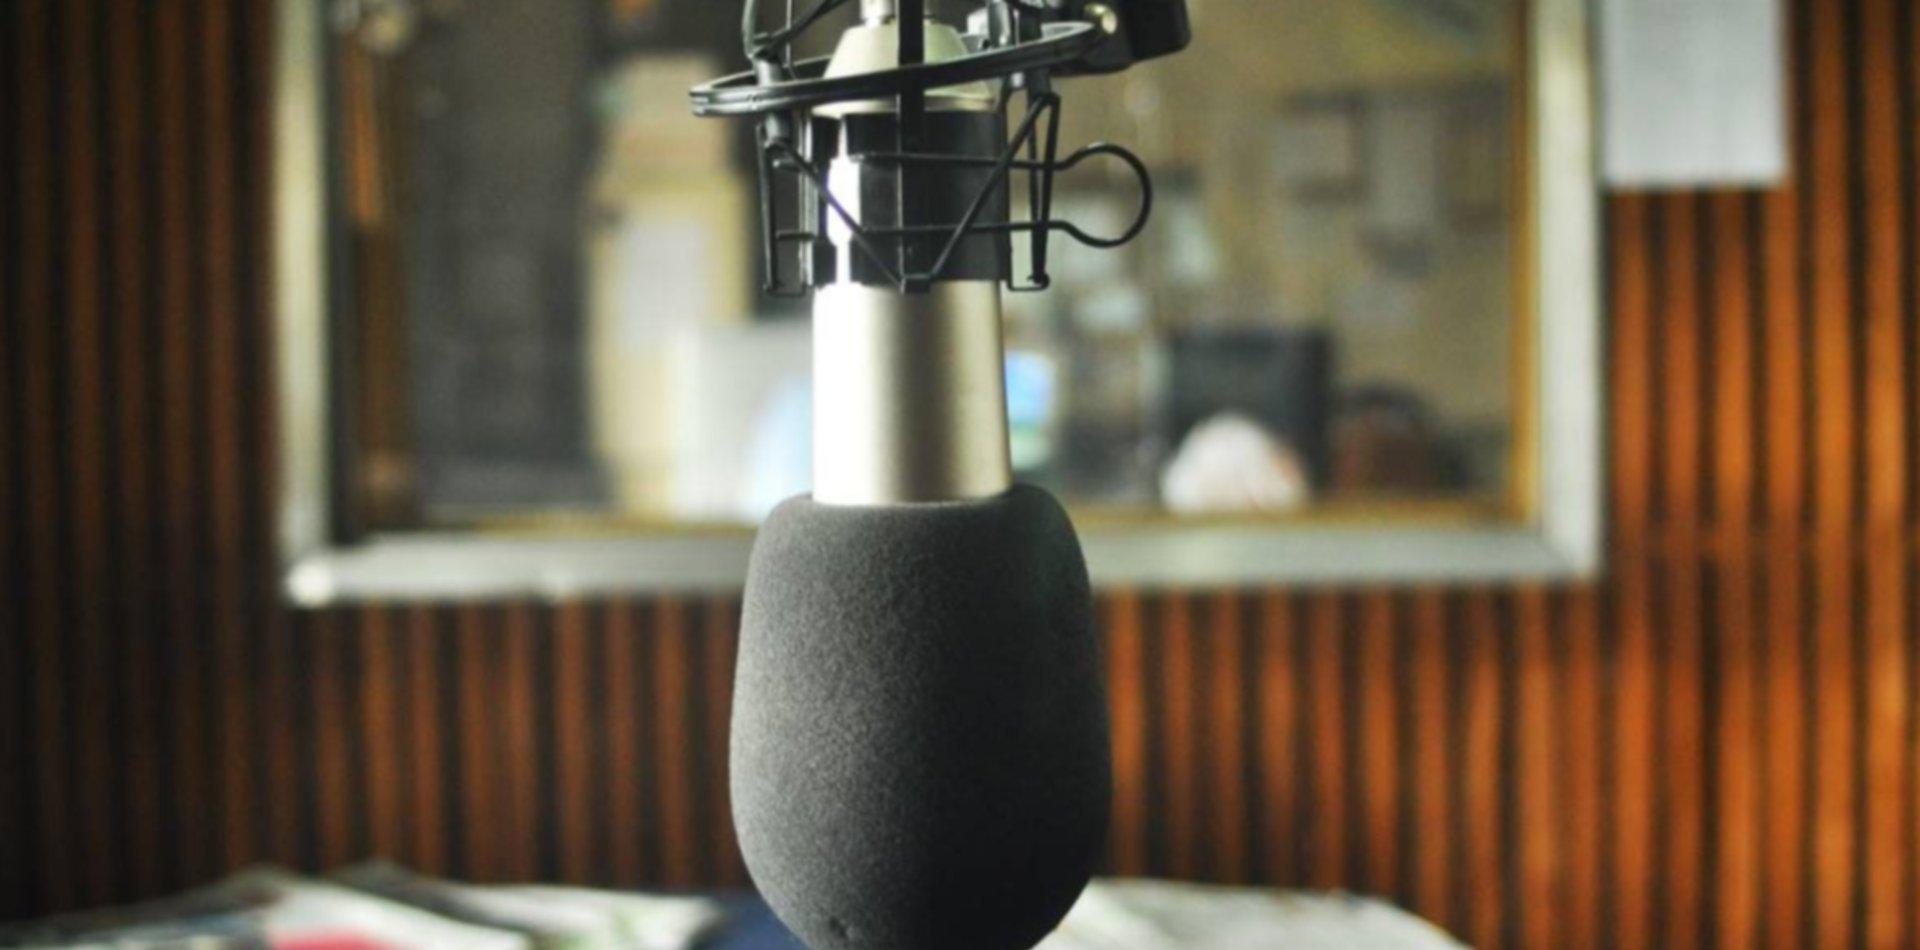 La Radio de la UNLP tiene todo listo para estrenar estudios nuevos en el Karakachoff